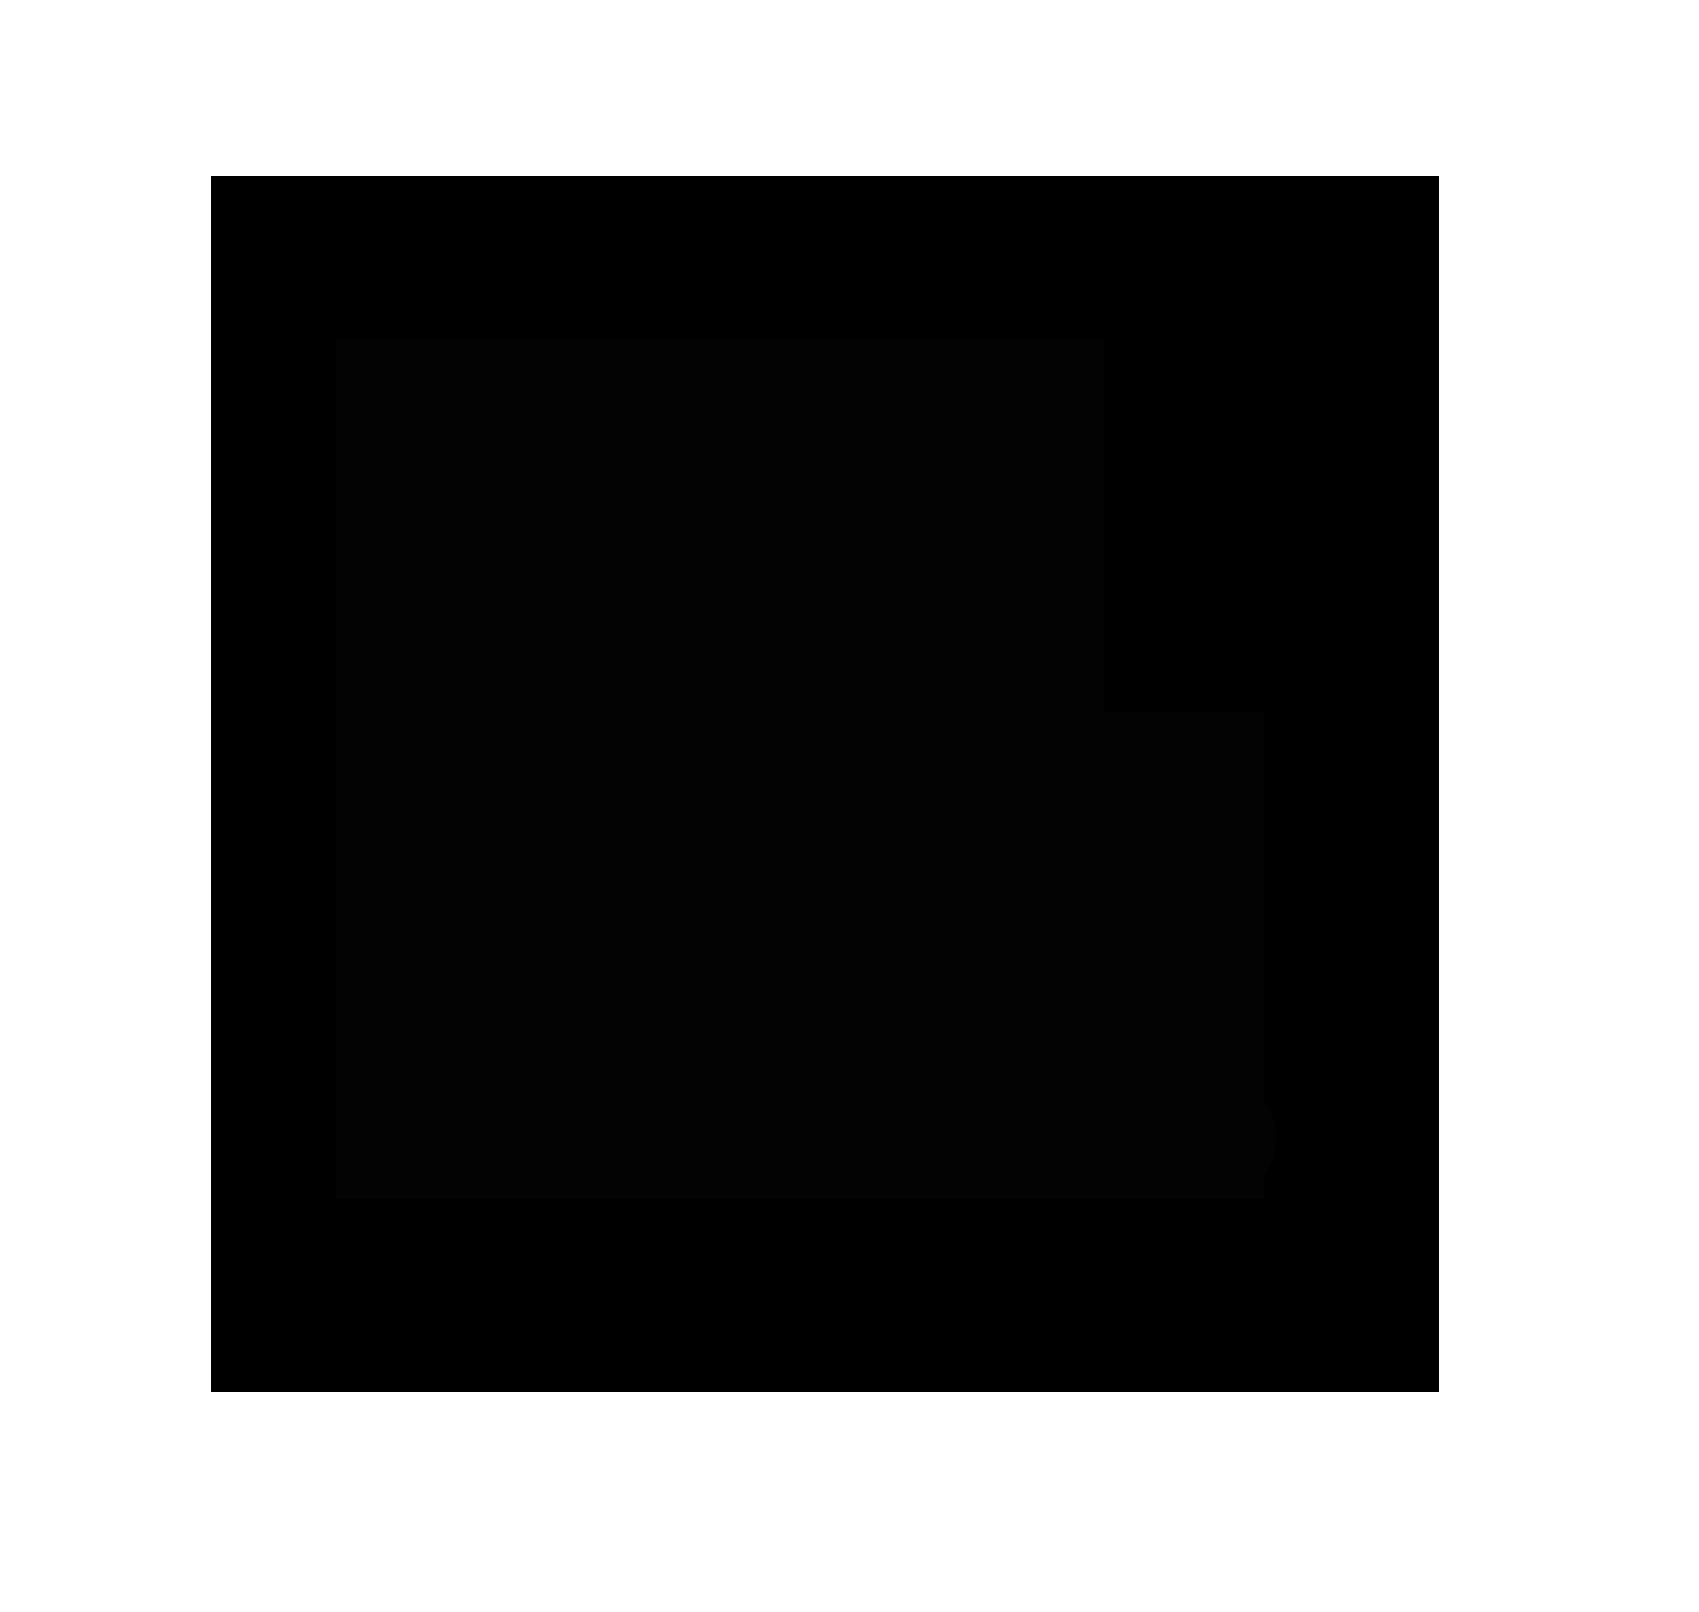 Miguel Ángel Moreno Carretero